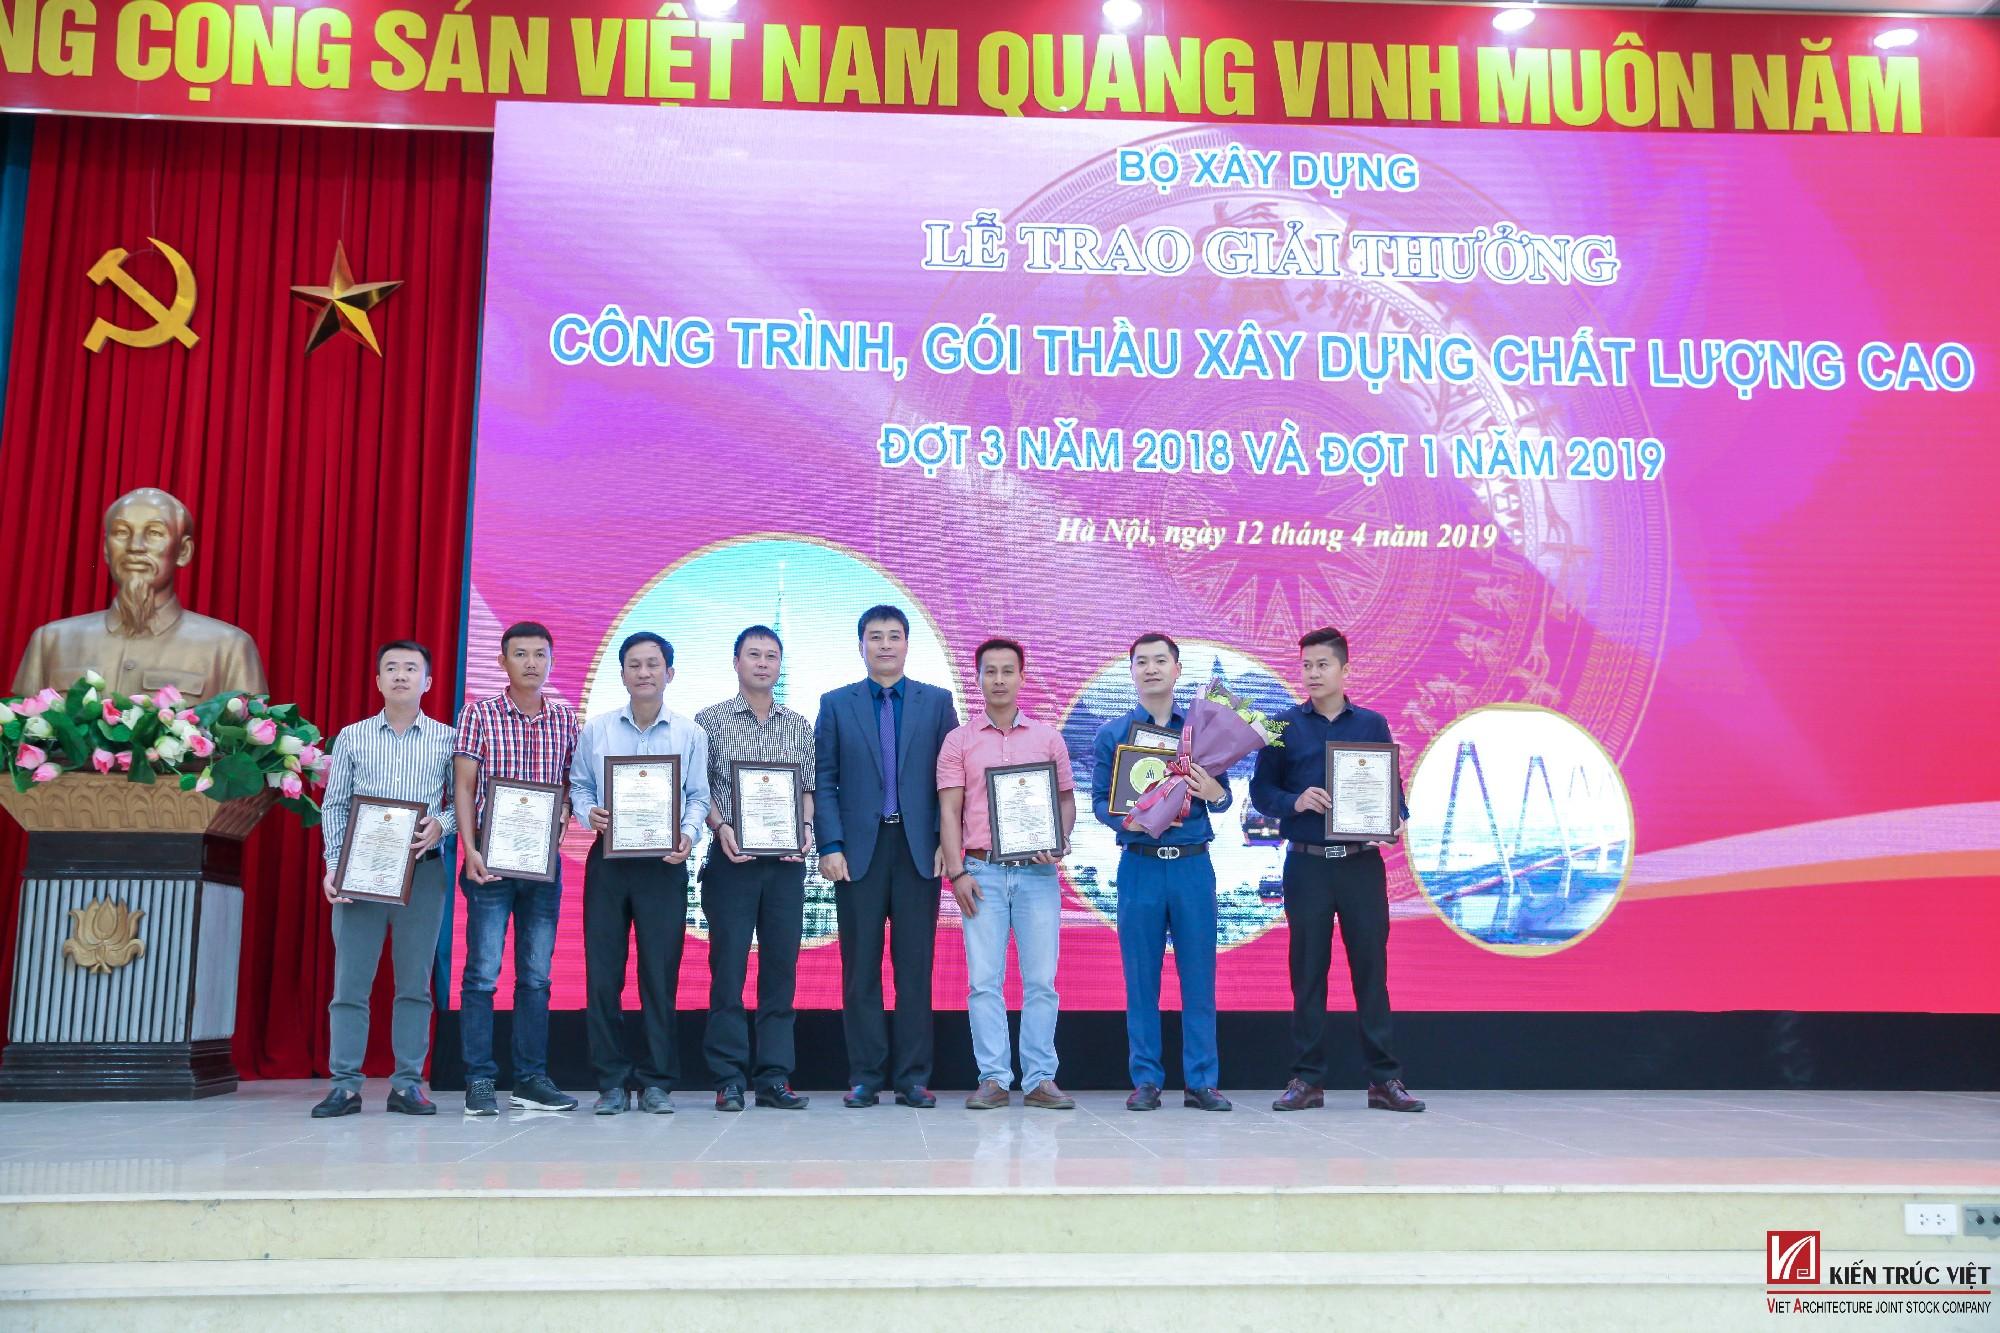 Kiến Trúc Việt nhận giải thưởng công trình chất lượng cao 2019